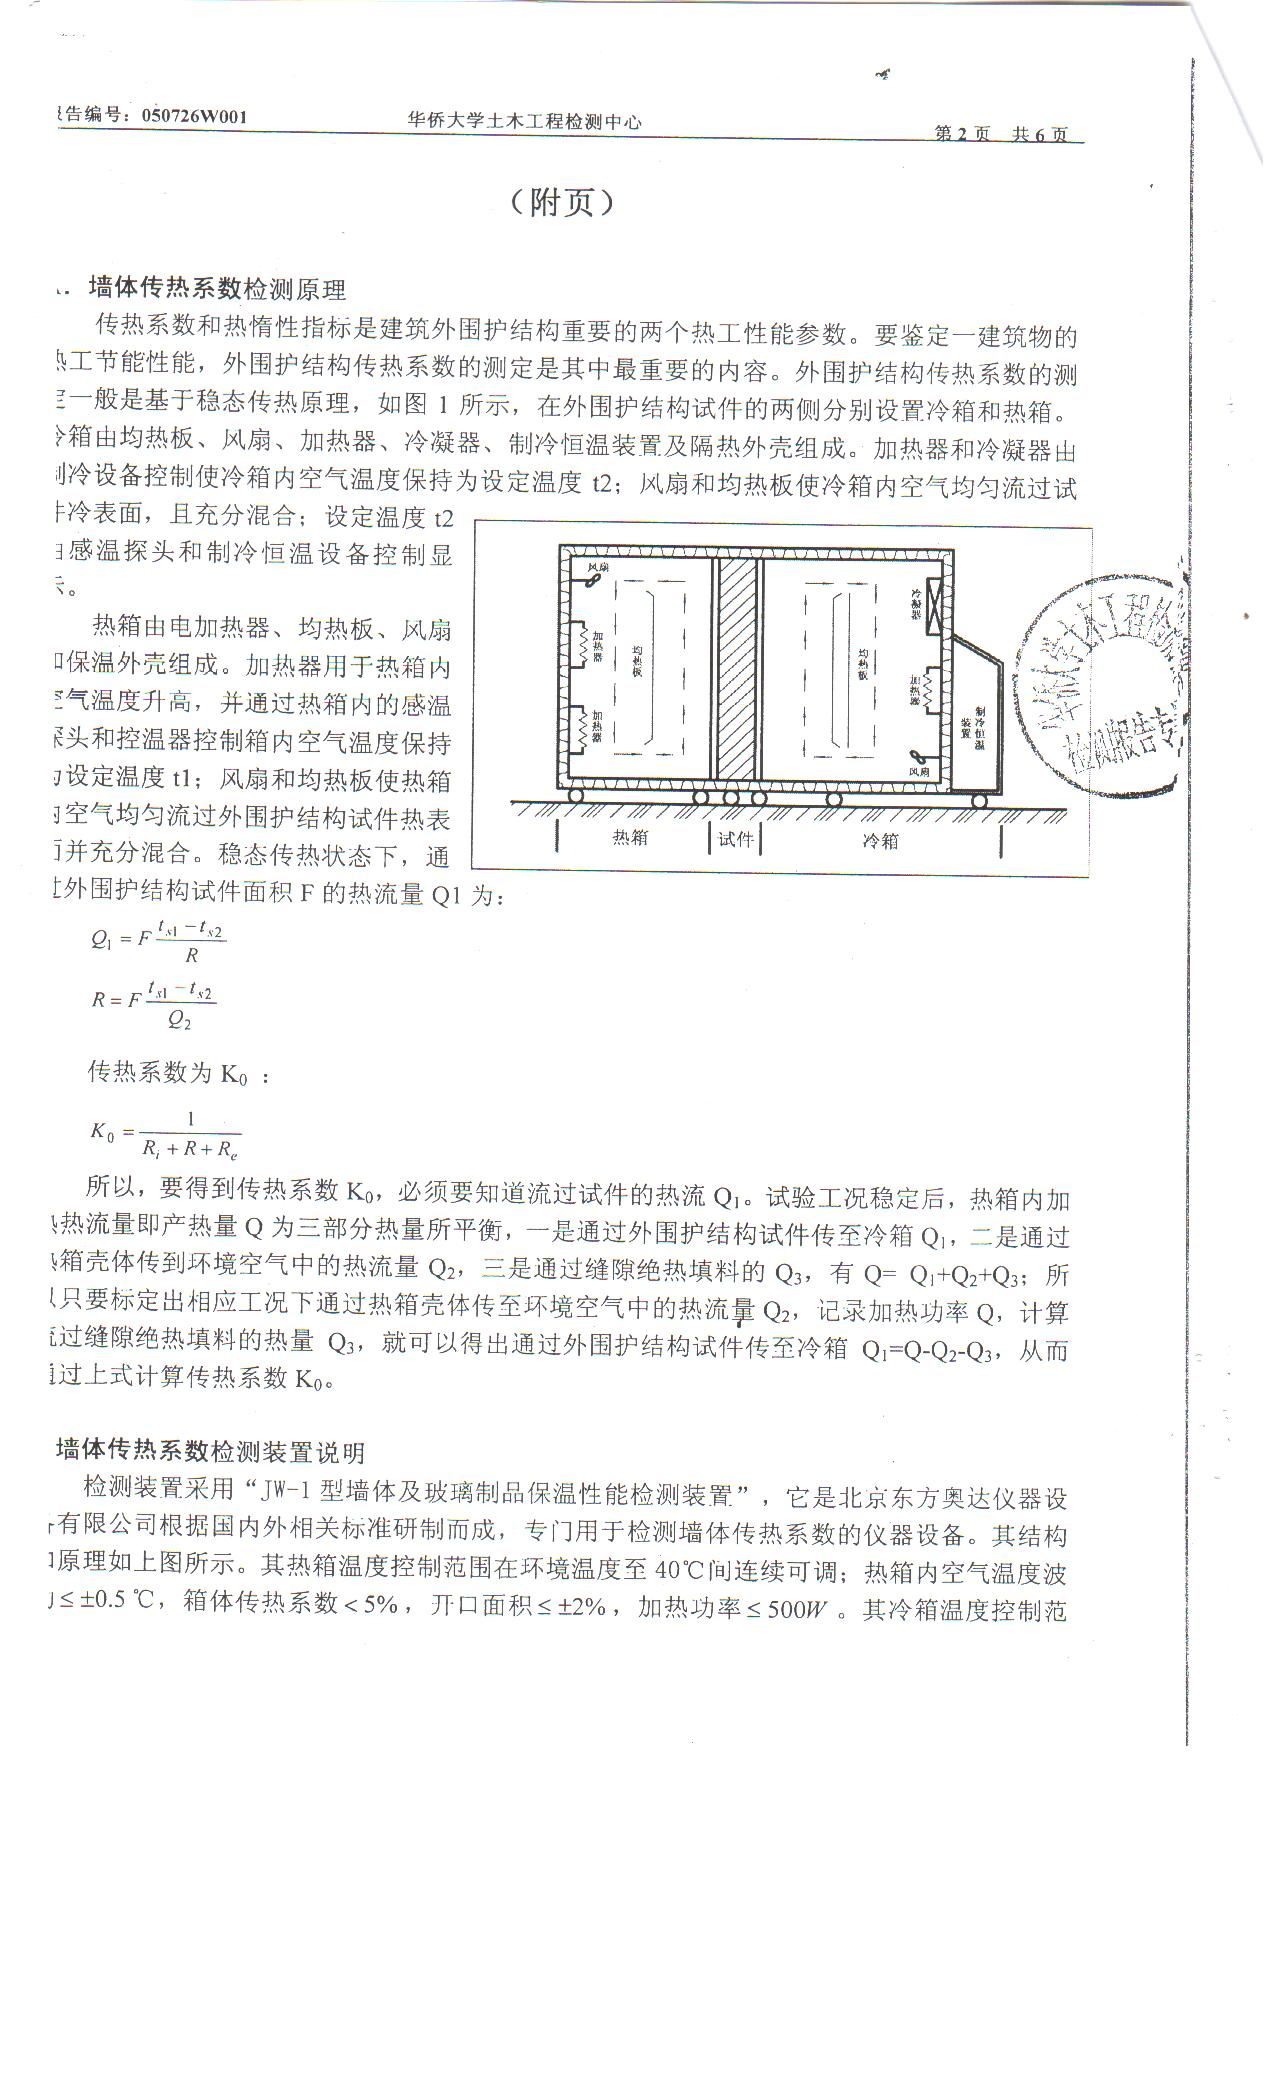 空心砌块检测报告4